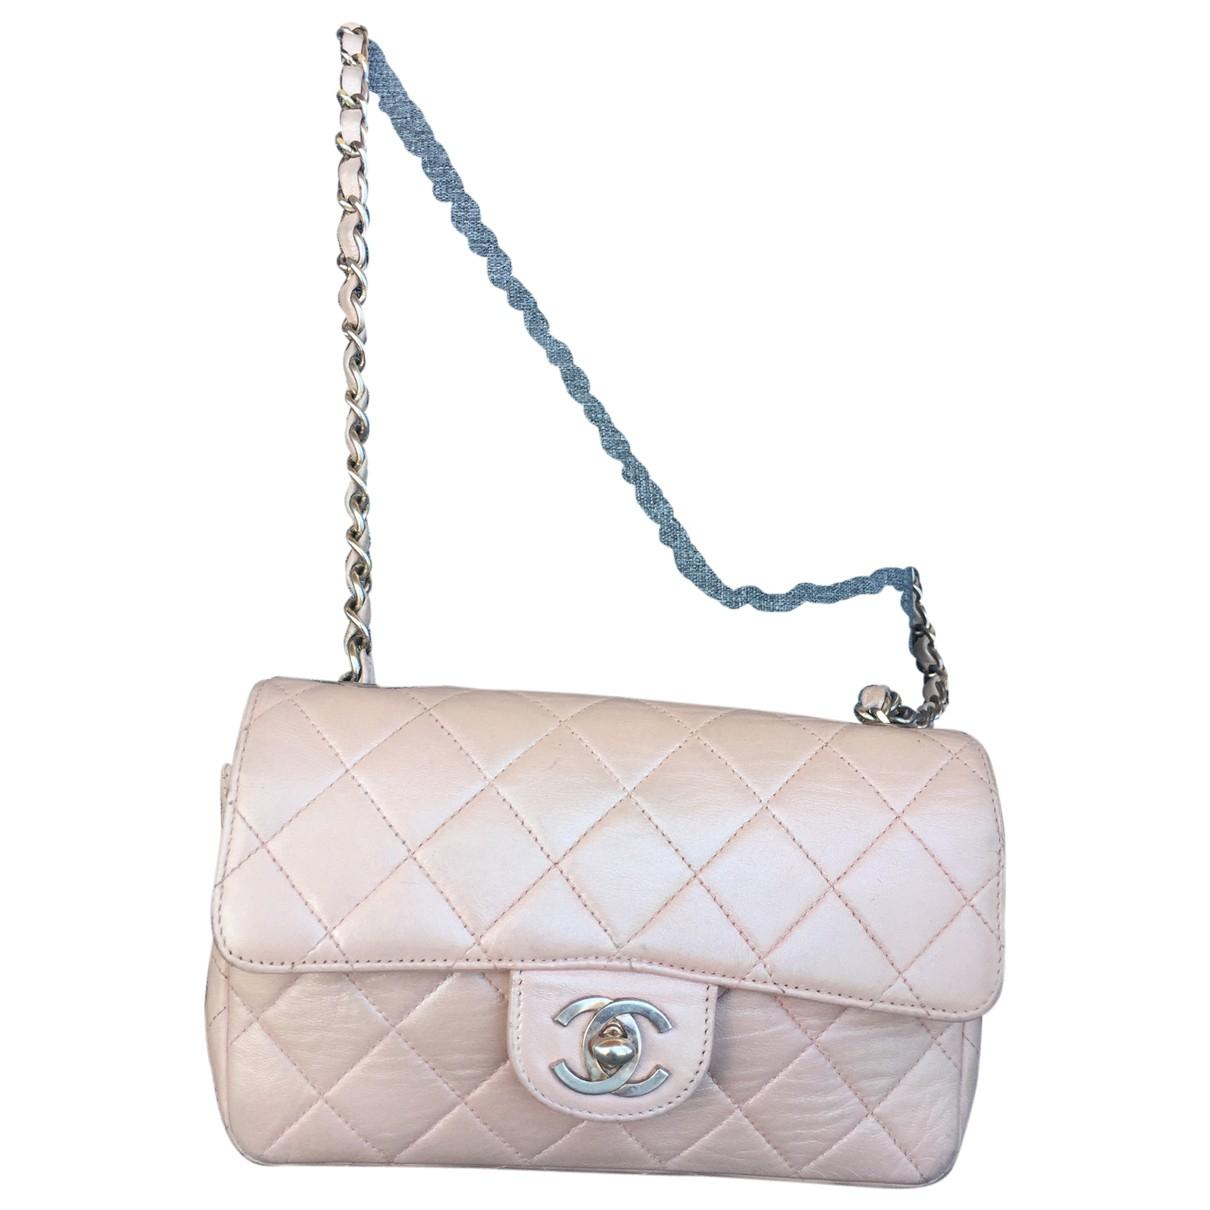 Bolso baguette Timeless/Classique de Cuero Chanel